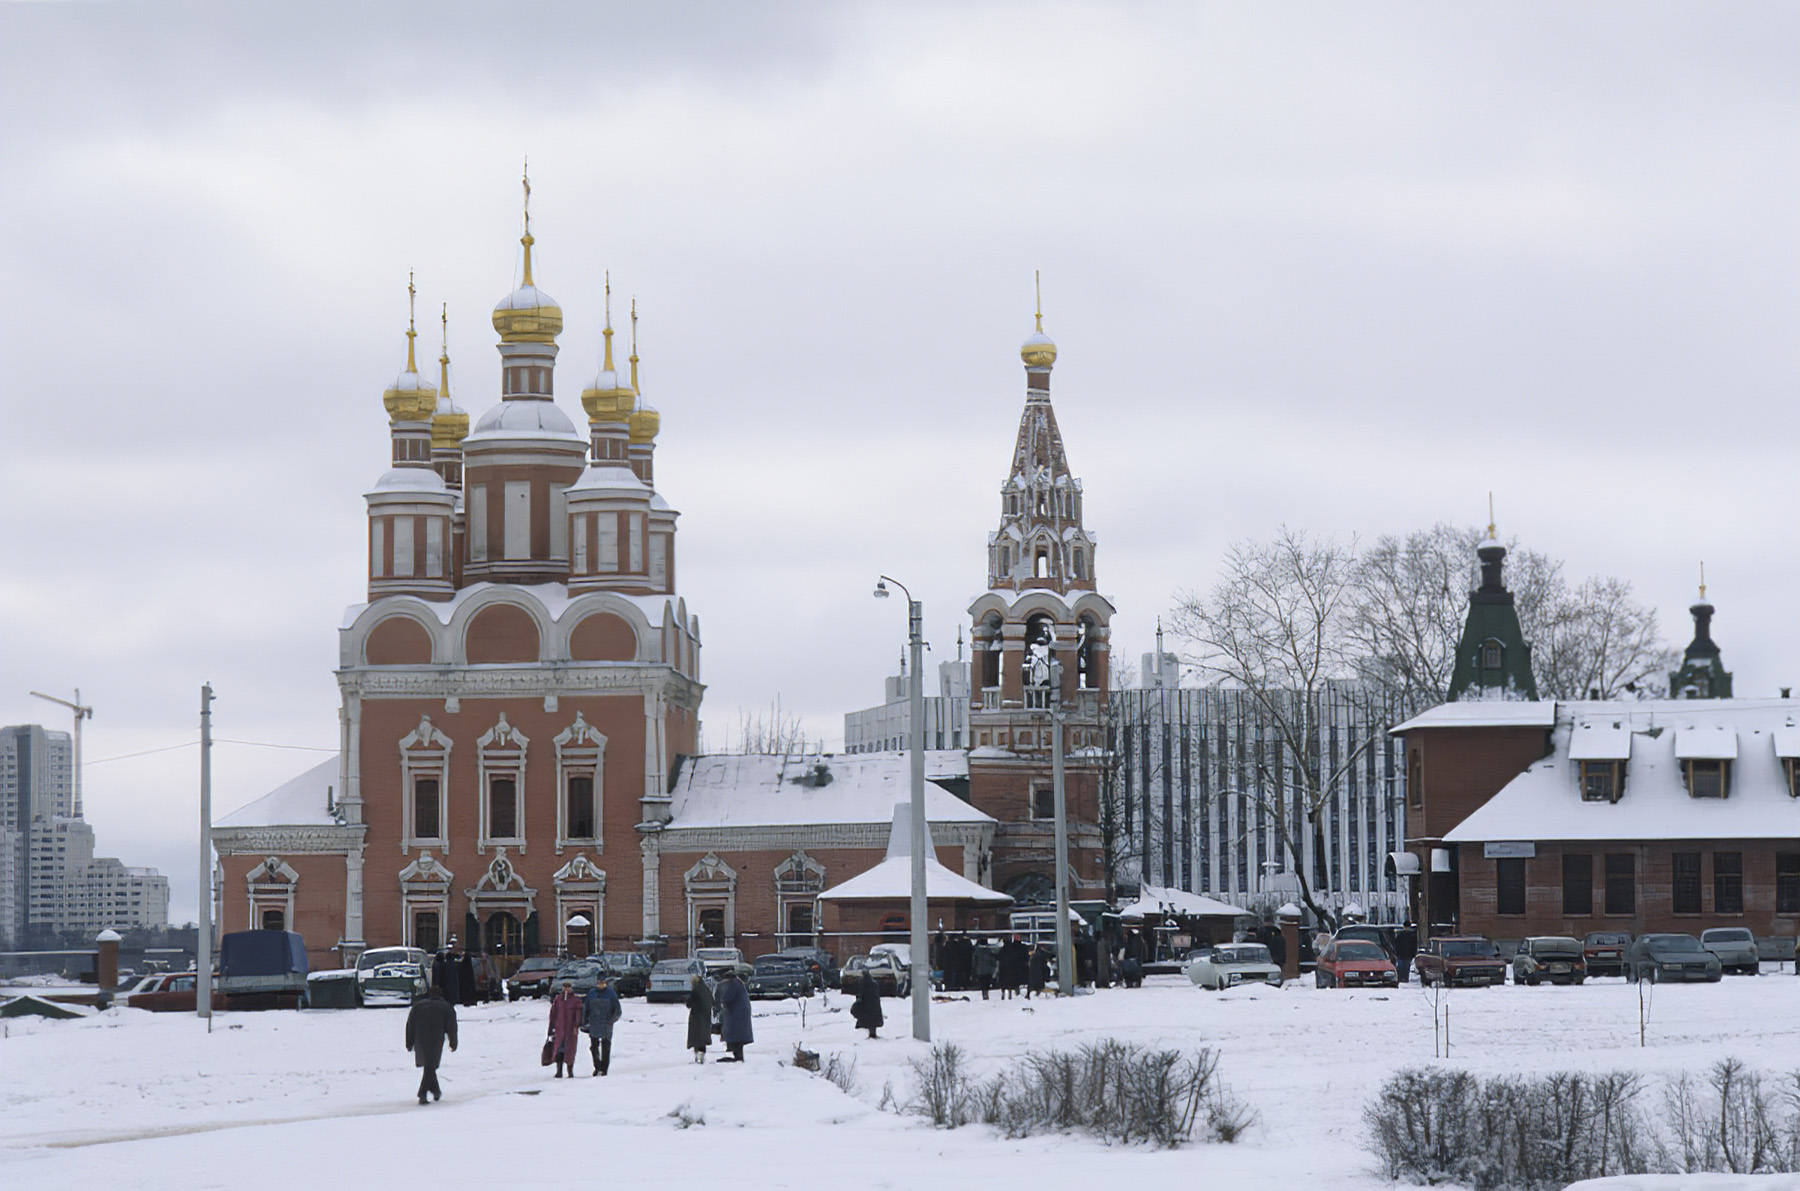 1997 Вид на церковь Михаила Архангела в Тропарево. Построена в 1693 году. Валерий Шустов_cmpk